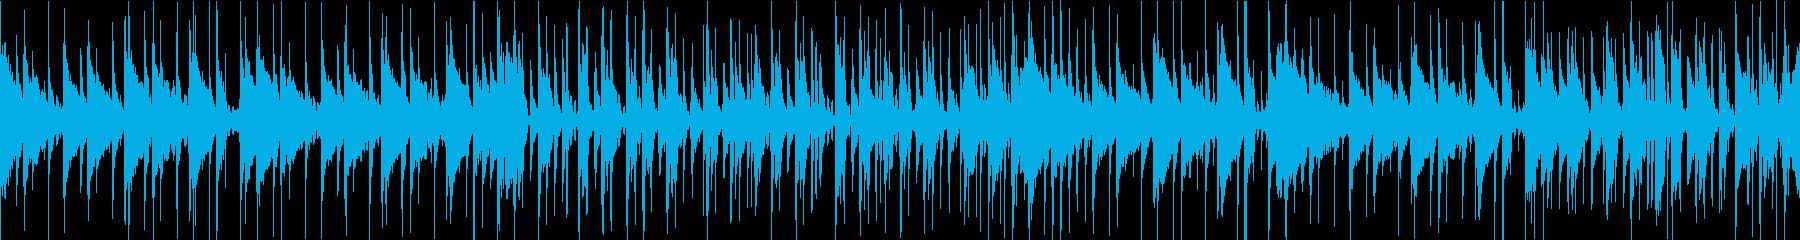 サラサラ ジャズ 実験的 ロック ...の再生済みの波形